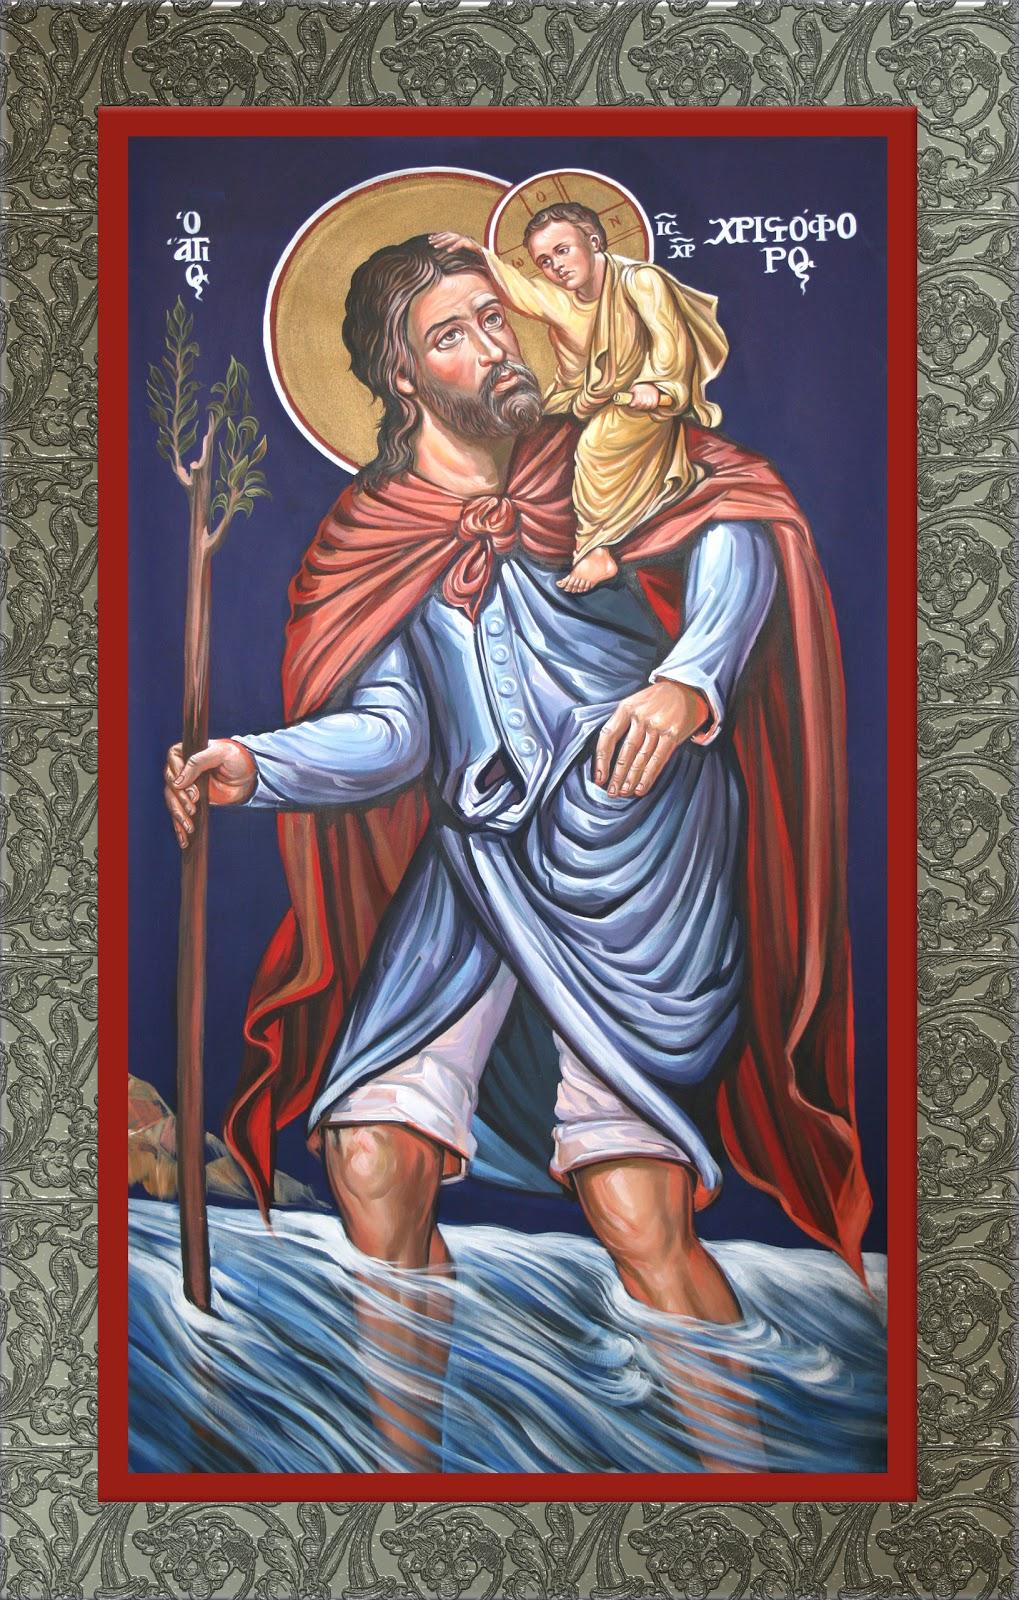 Αποτέλεσμα εικόνας για αγιος χριστόφορος προστατης των οδηγών